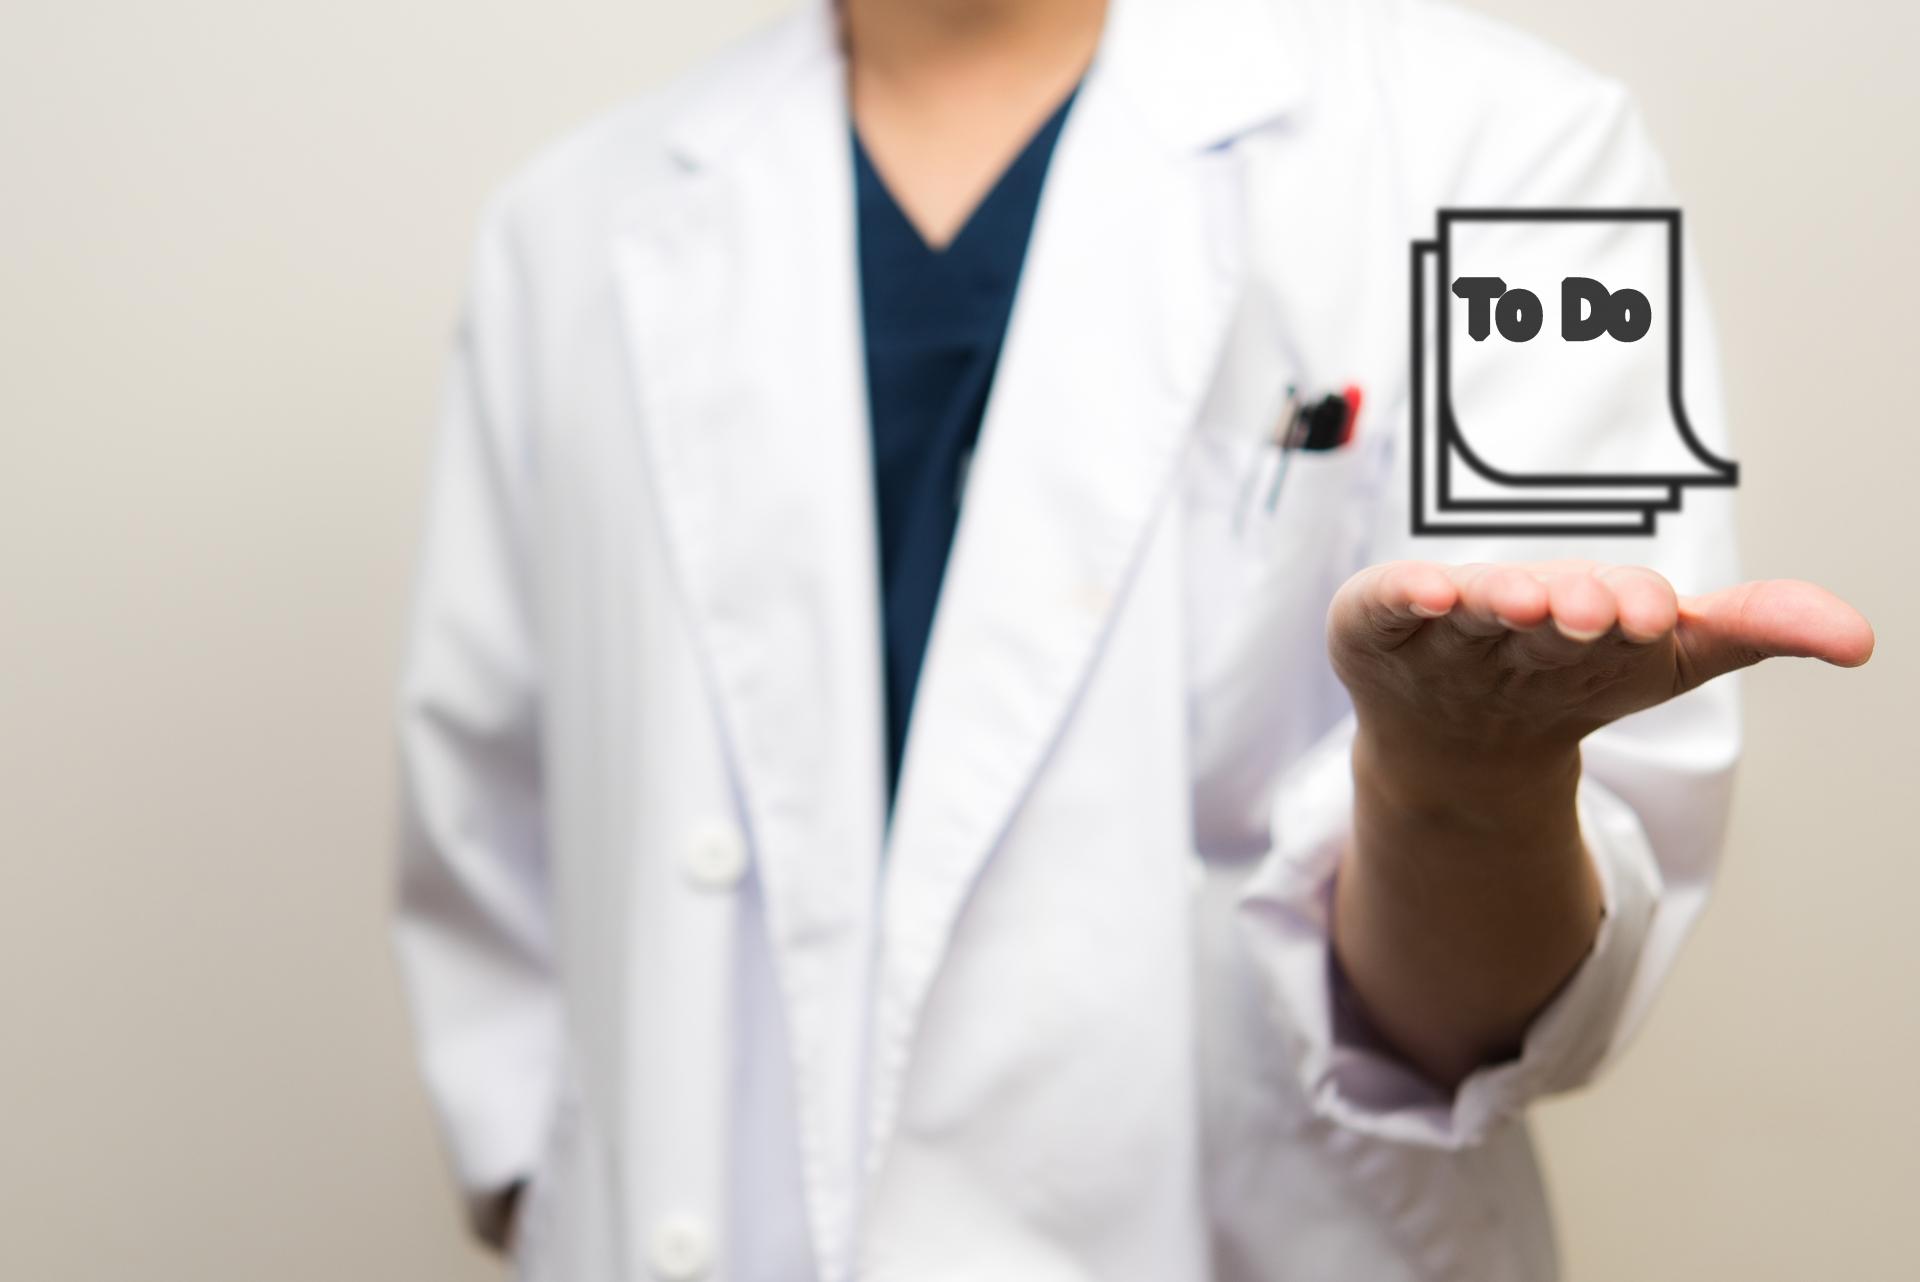 ライフプラン キャリアプラン 医師常勤 アルバイト 定期非常勤 スポット バイト医 給与 キャリアアップ 医師キャリア相談 医師転職相談 ジーネット株式会社